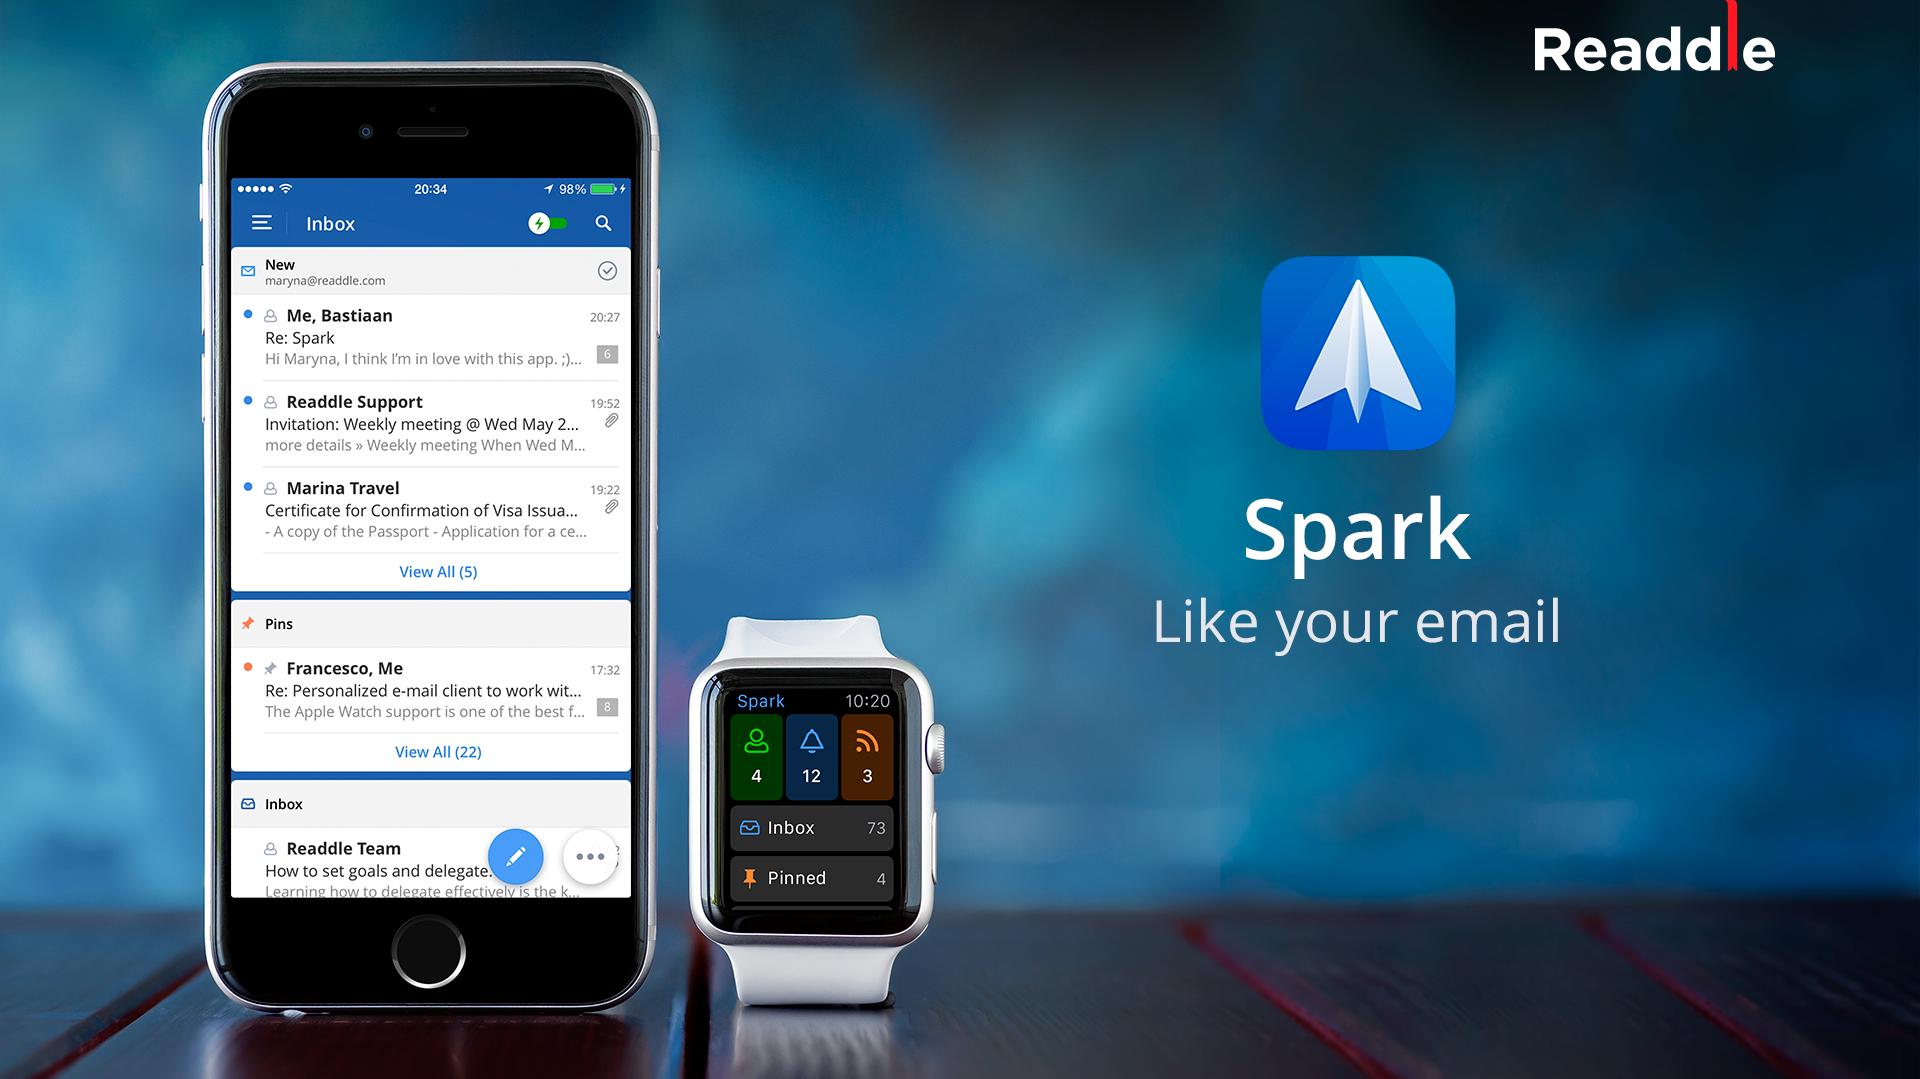 Iphone Mail Client Spark Mit Vollstandiger Exchange